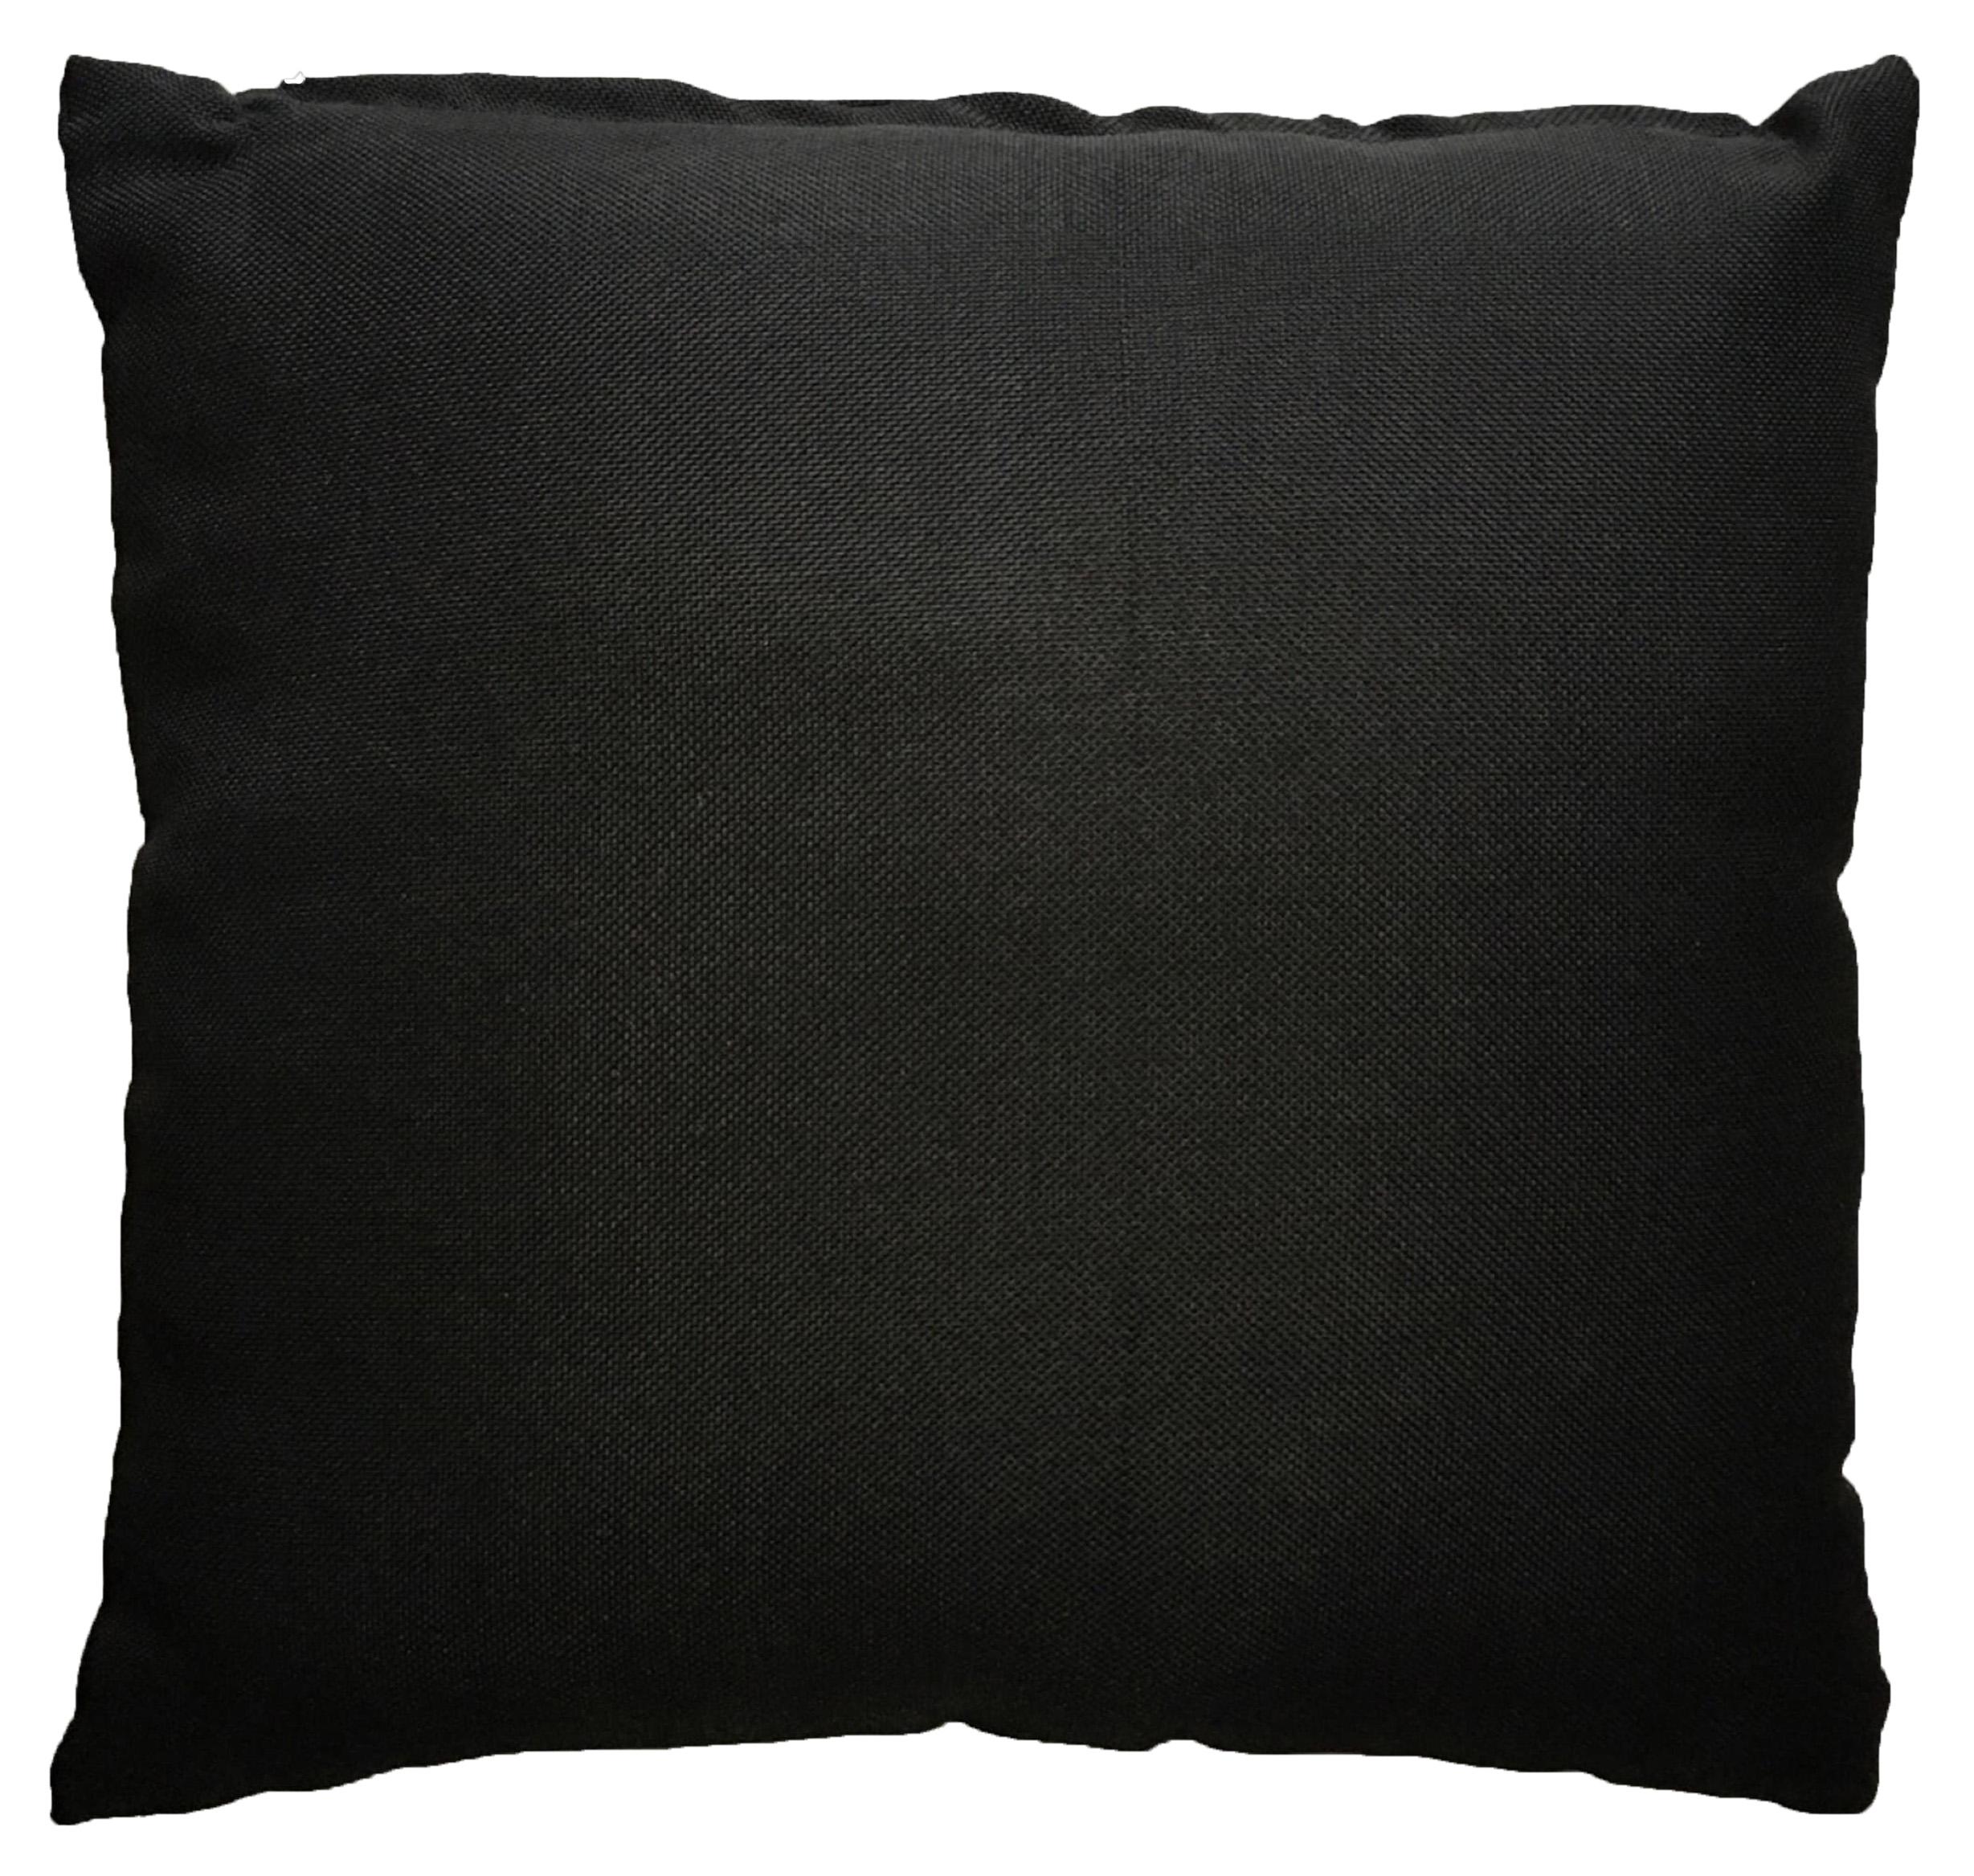 Възглавница PALMELA цвят 901 45х45 черно